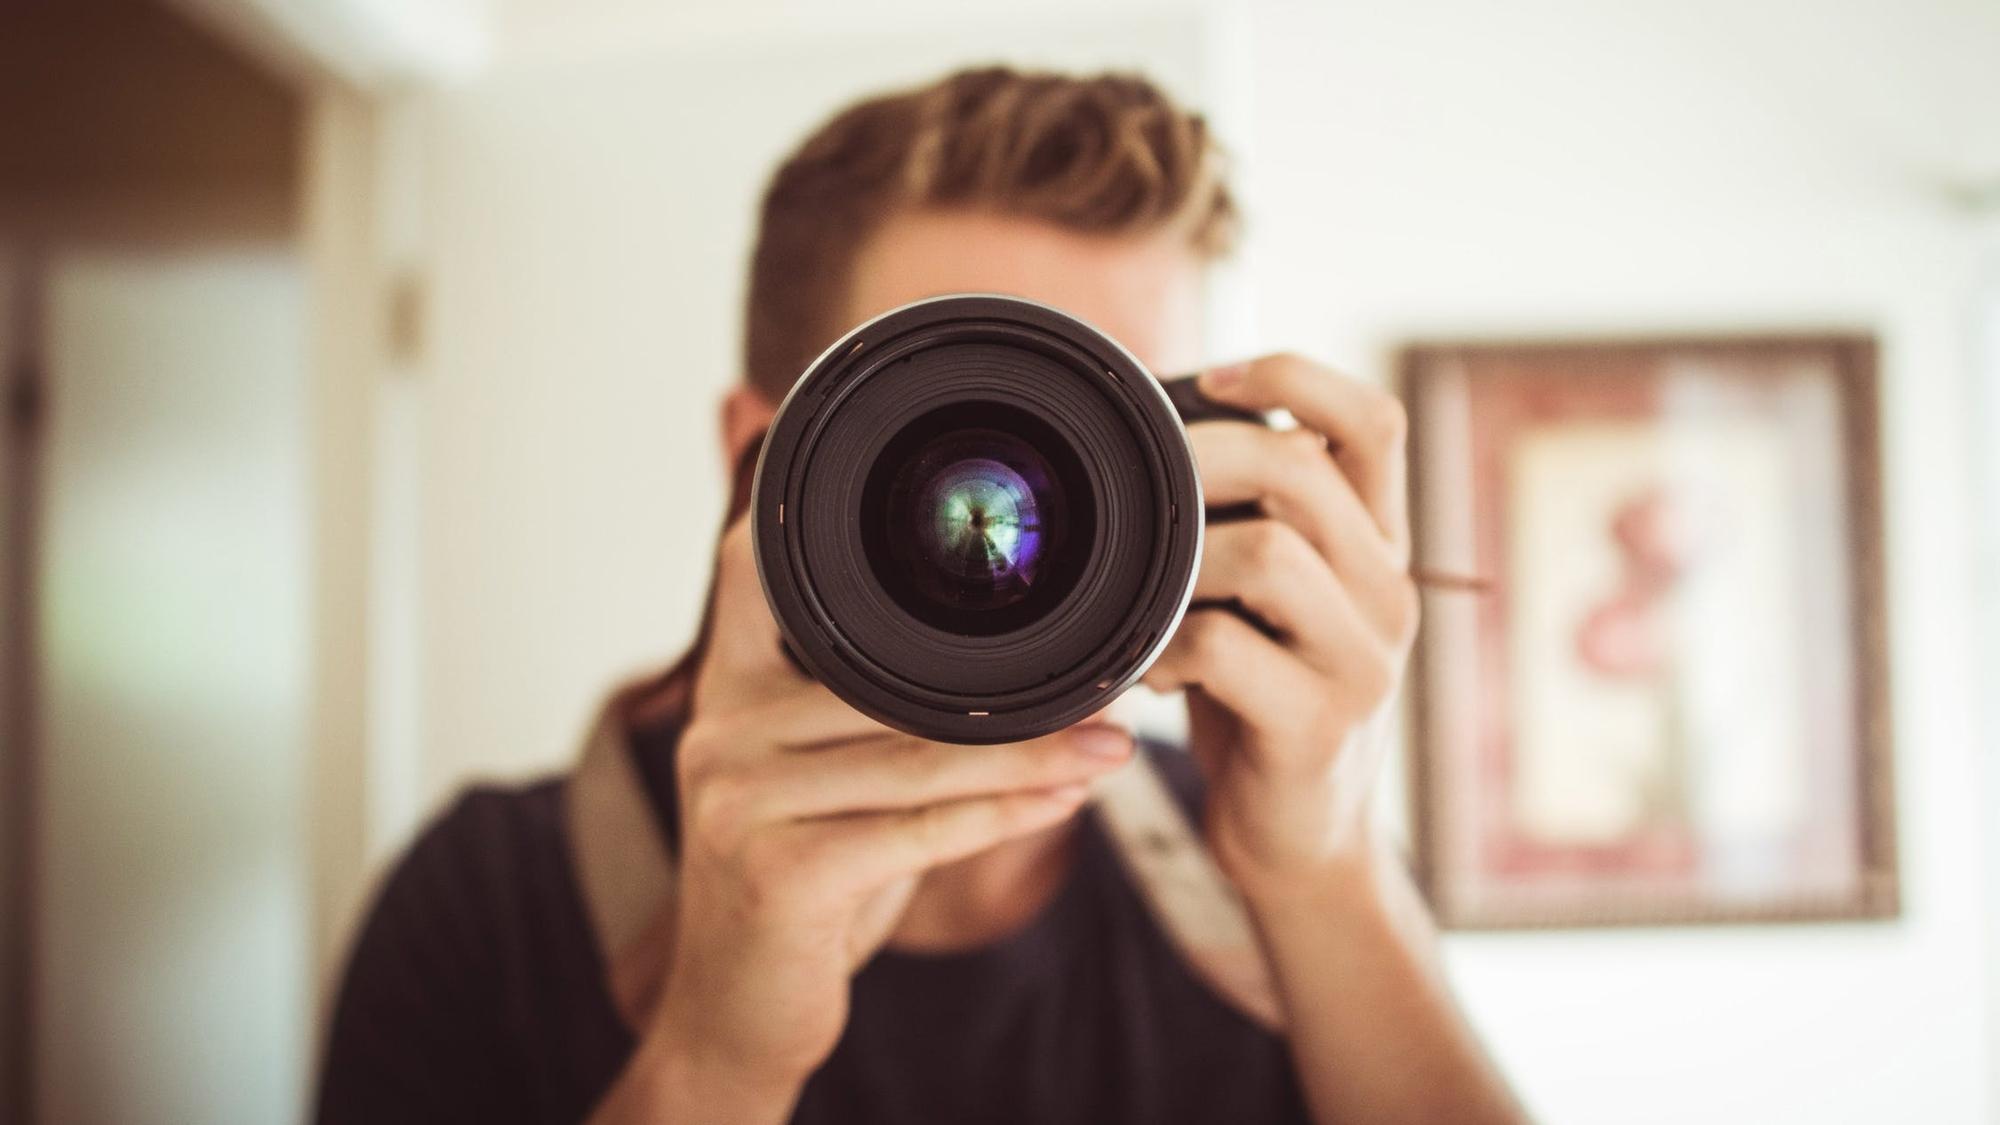 Una familia inglesa busca fotógrafo personal; sueldo: 100,000 dólares